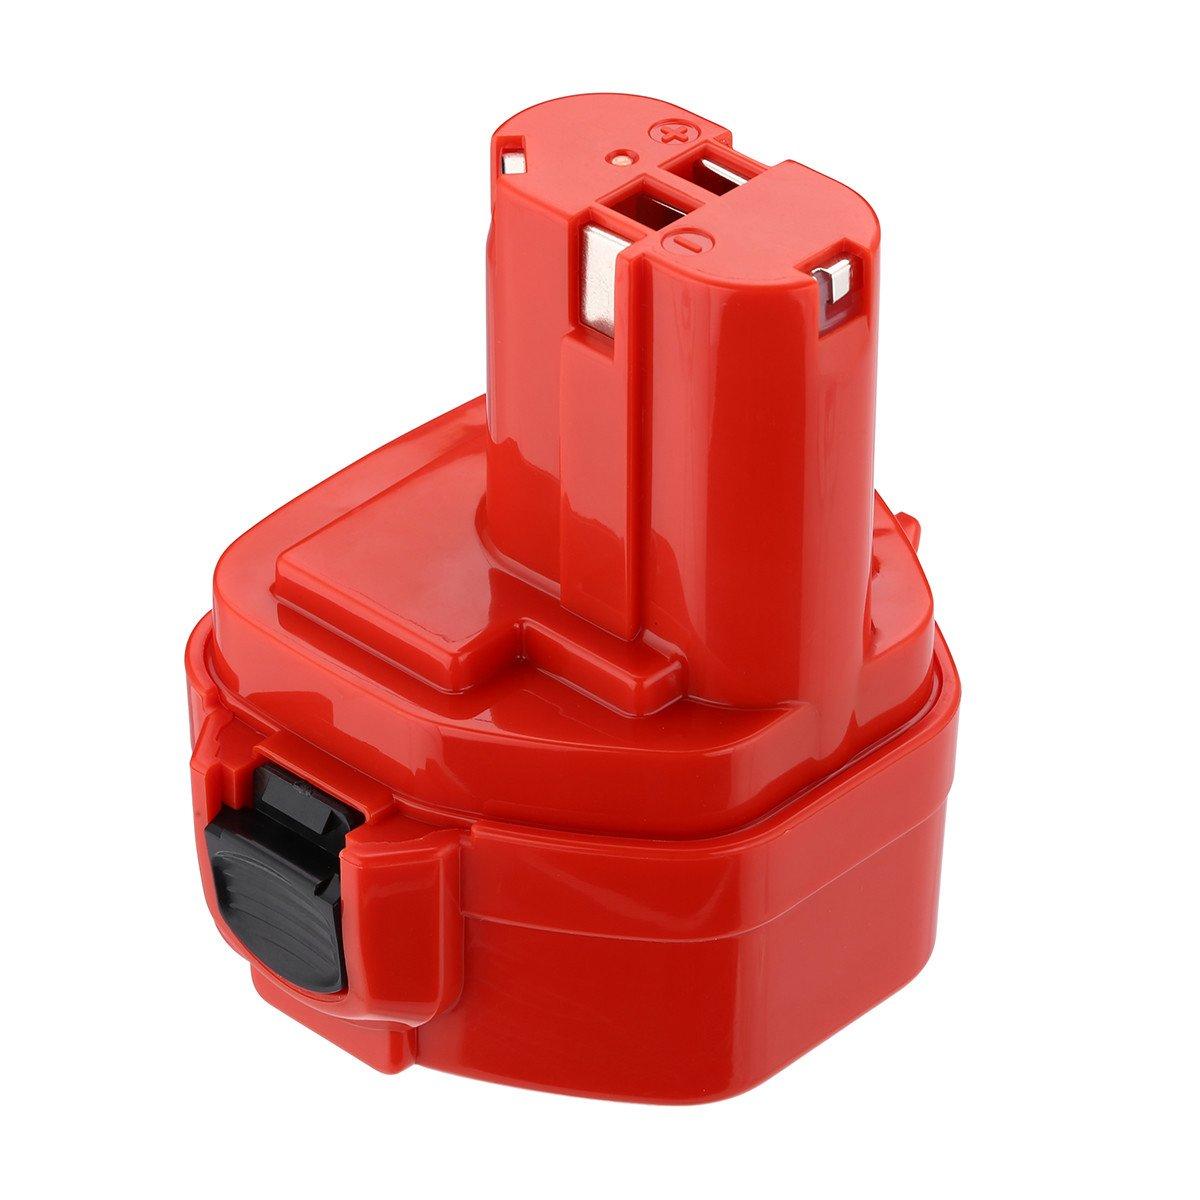 SaraHew74 Ports USB 12V M12 Chargeur de Batterie Compact et Adaptateur de Source dalimentation Convertisseur de Douilles chauffantes M12